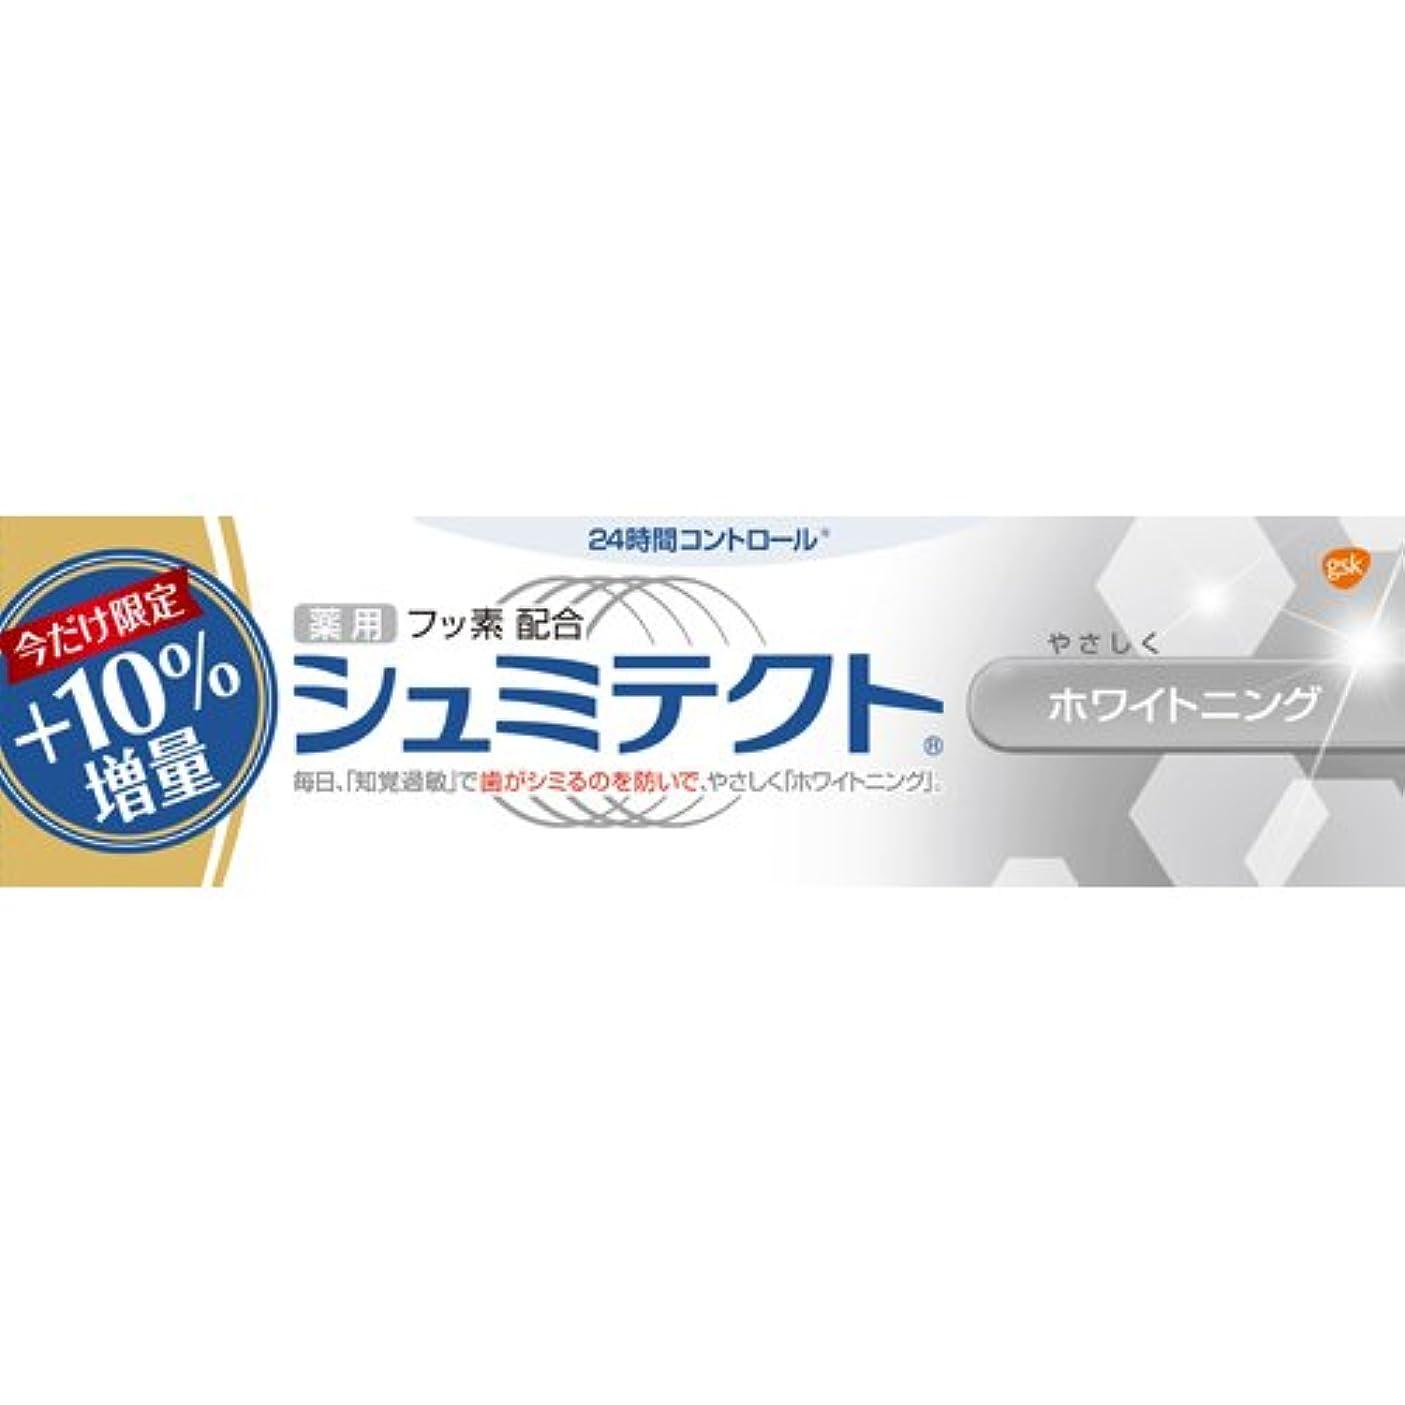 ニコチンリーフレット予想する薬用シュミテクト やさしくホワイトニング 増量品 99g [医薬部外品]